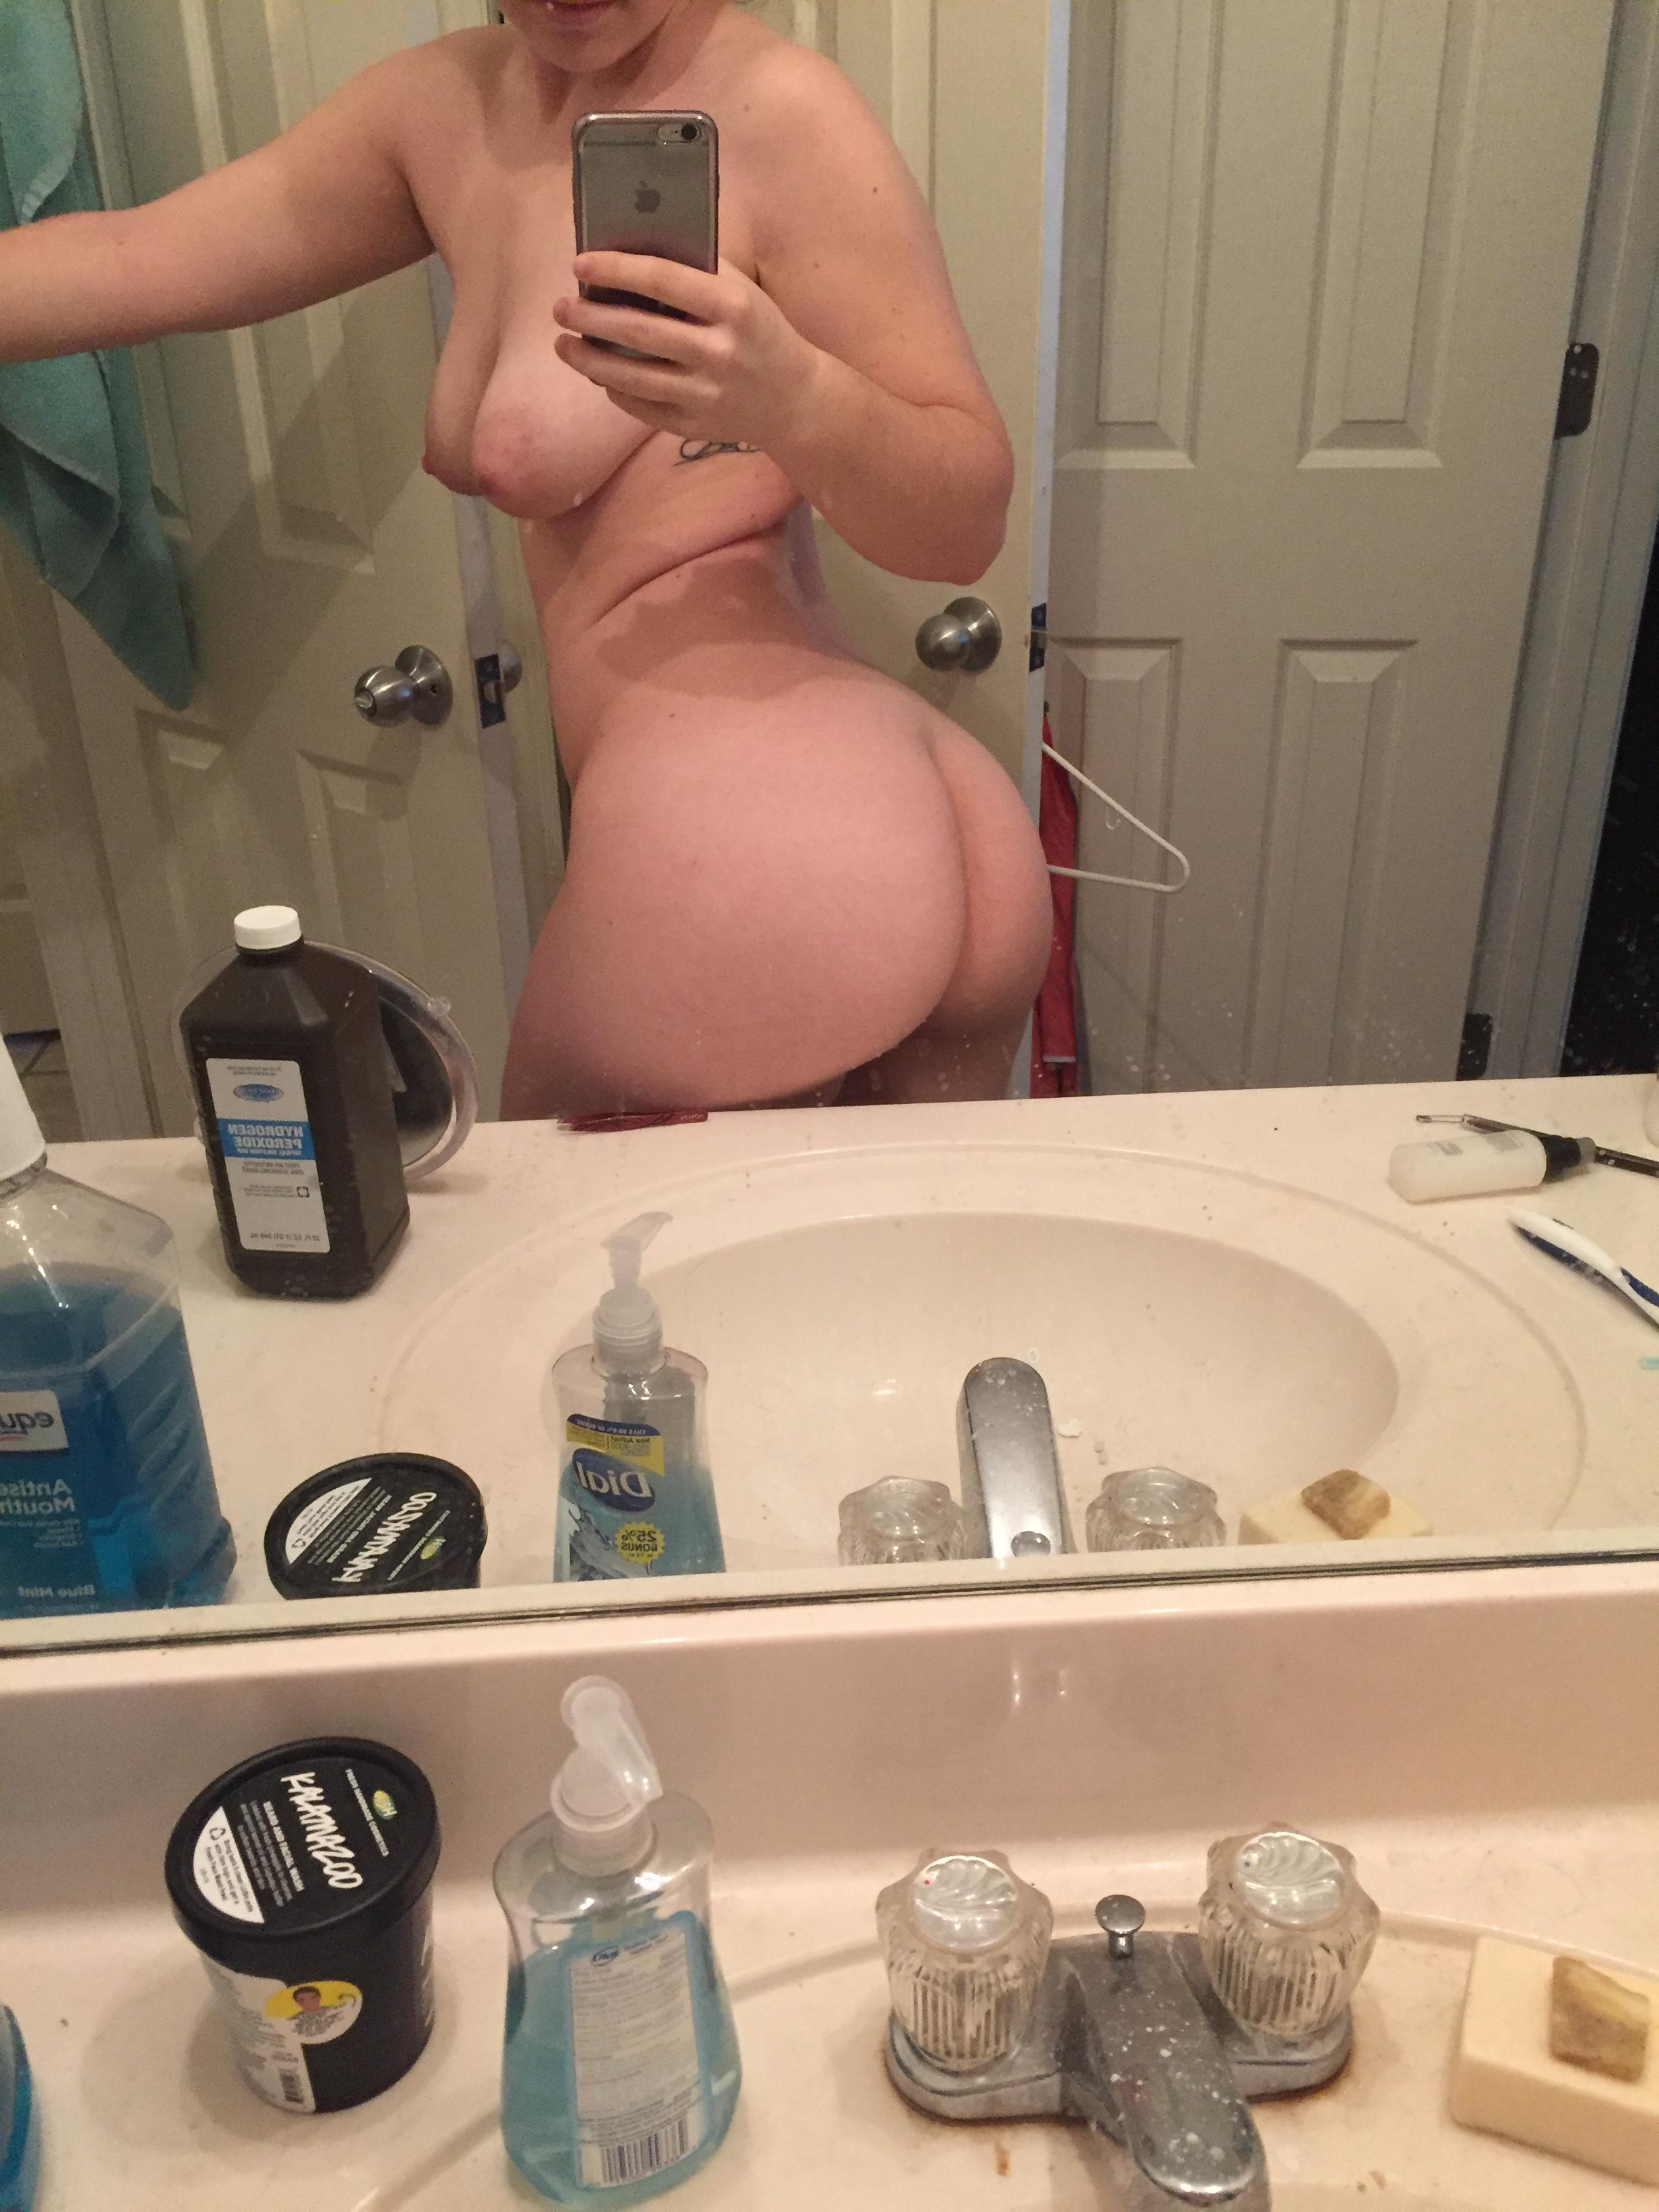 Фотографирует жопу в ванной